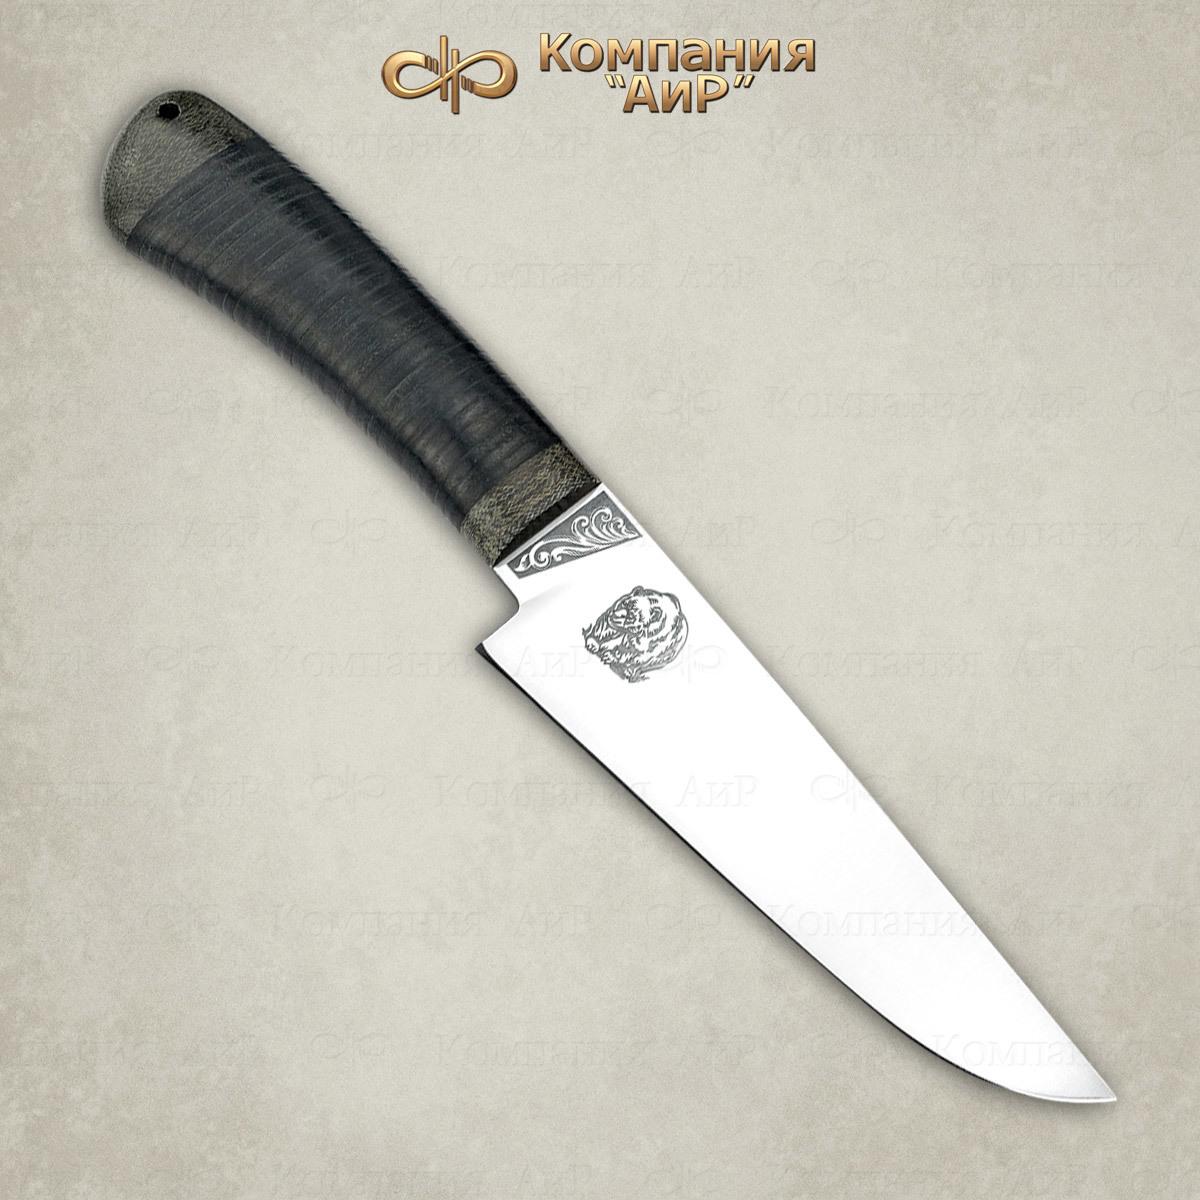 Нож Барибал 100х13м, кожа, АиР нож барибал 95х18 орех аир